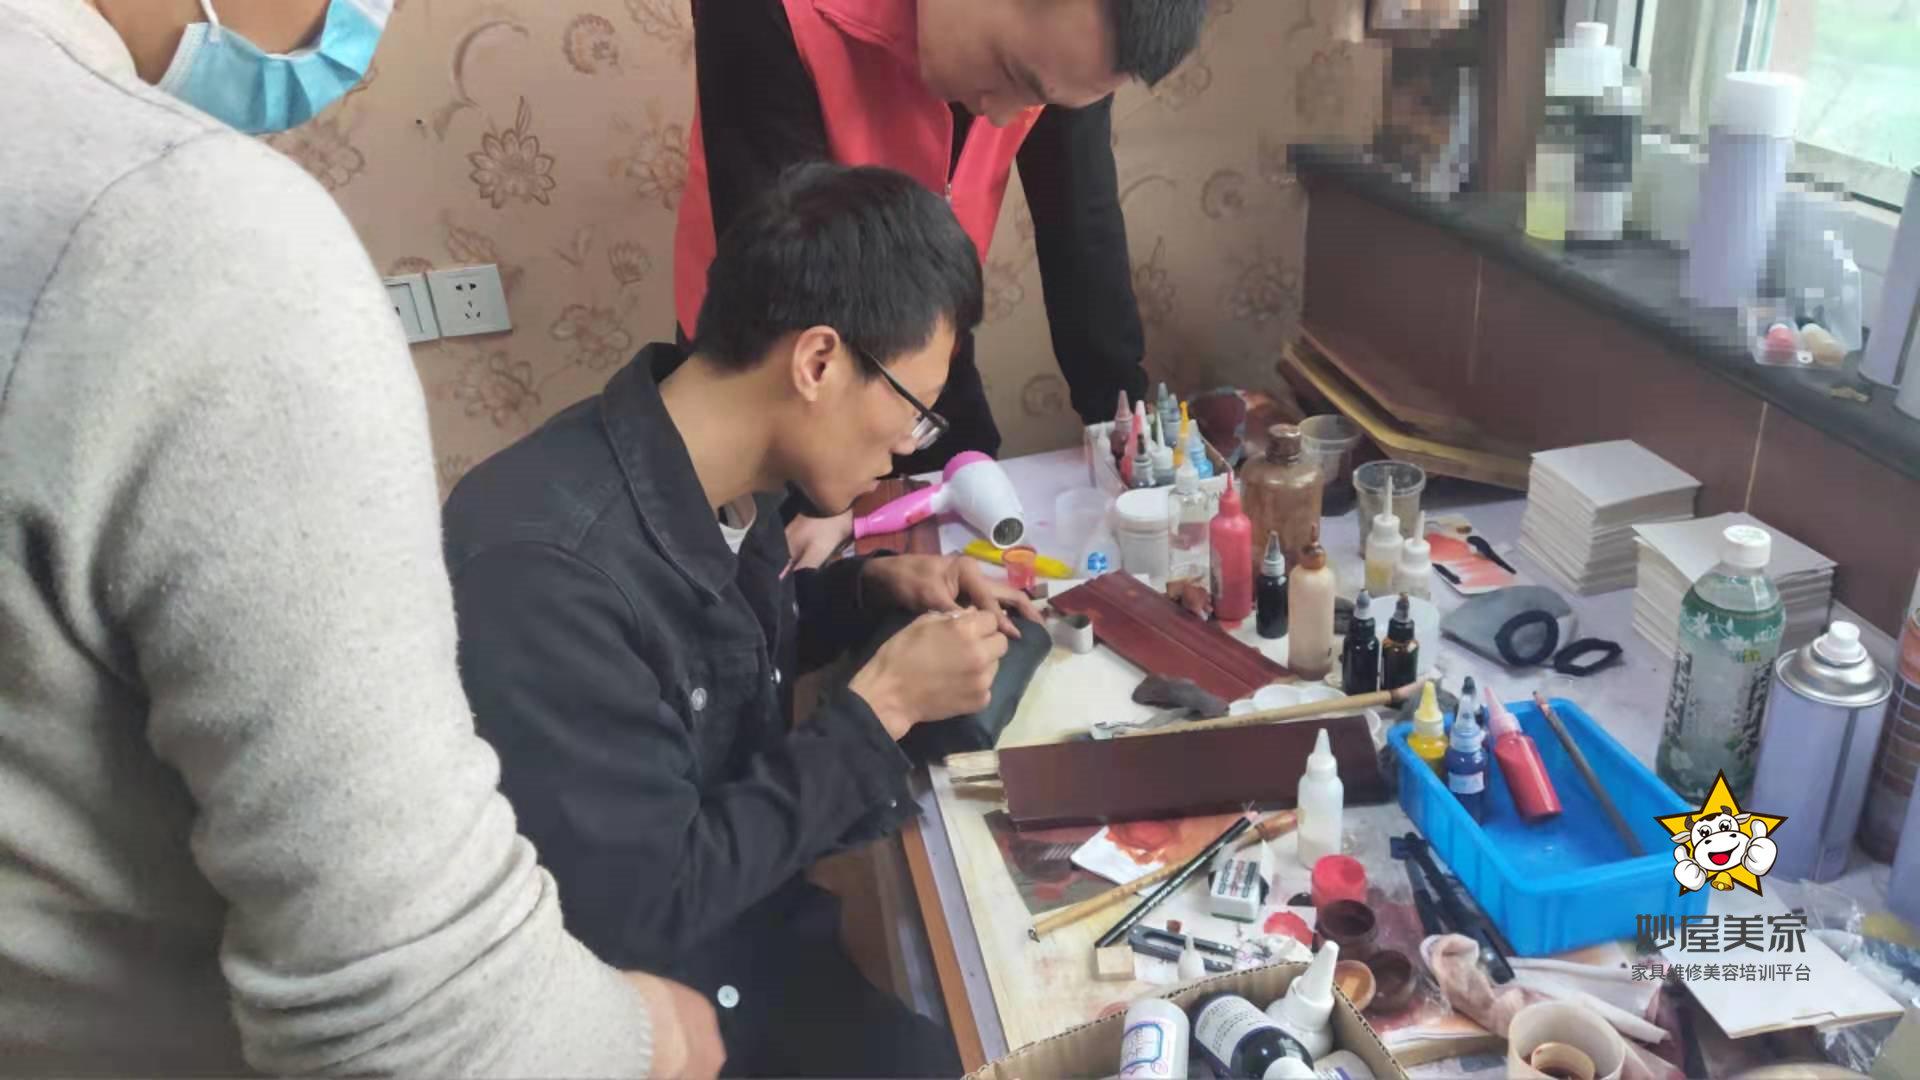 冯绍峰和赵丽颖离婚,会不会有摔坏的家具我给修修